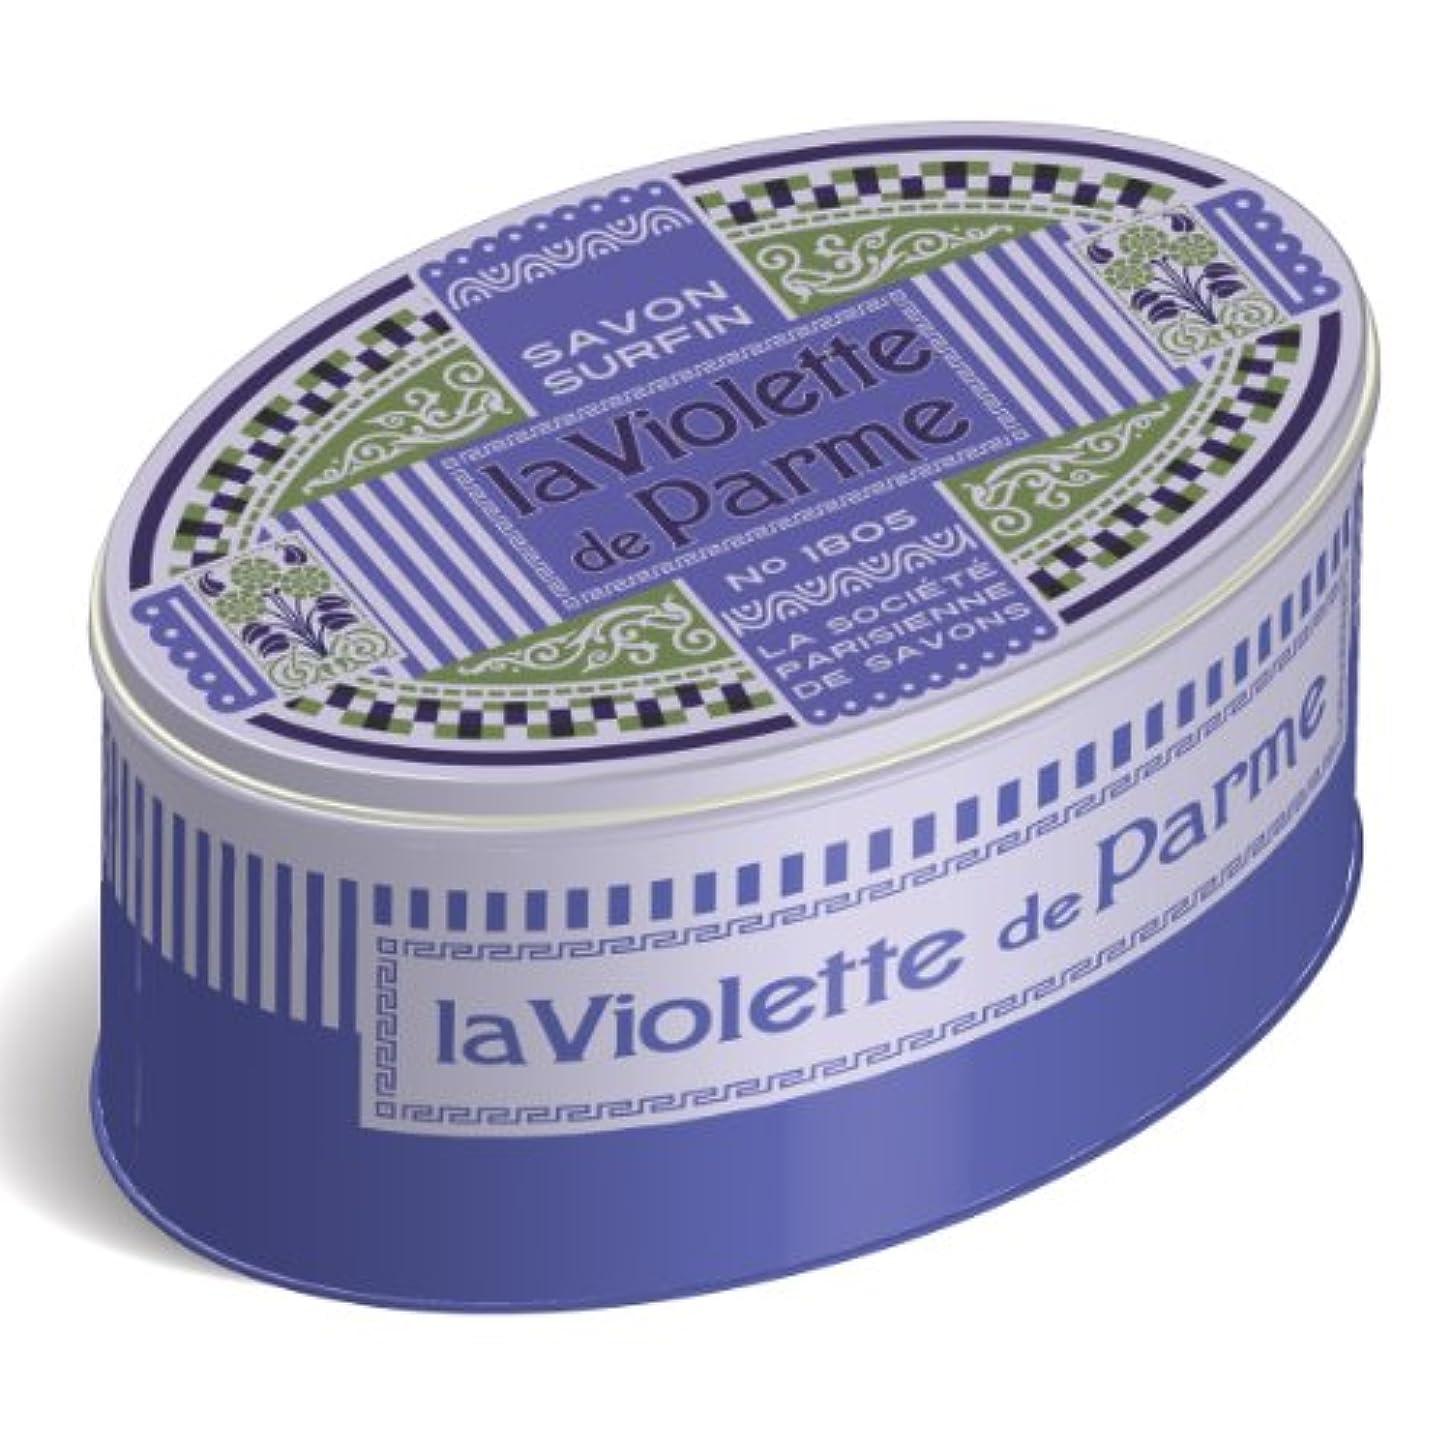 ビデオスモッグ維持するLA SOCIETE PARISIENNE DE SAVONS フレグランスソープ(缶入) 250g 「ラヴィオットデパルム」 3440576130614